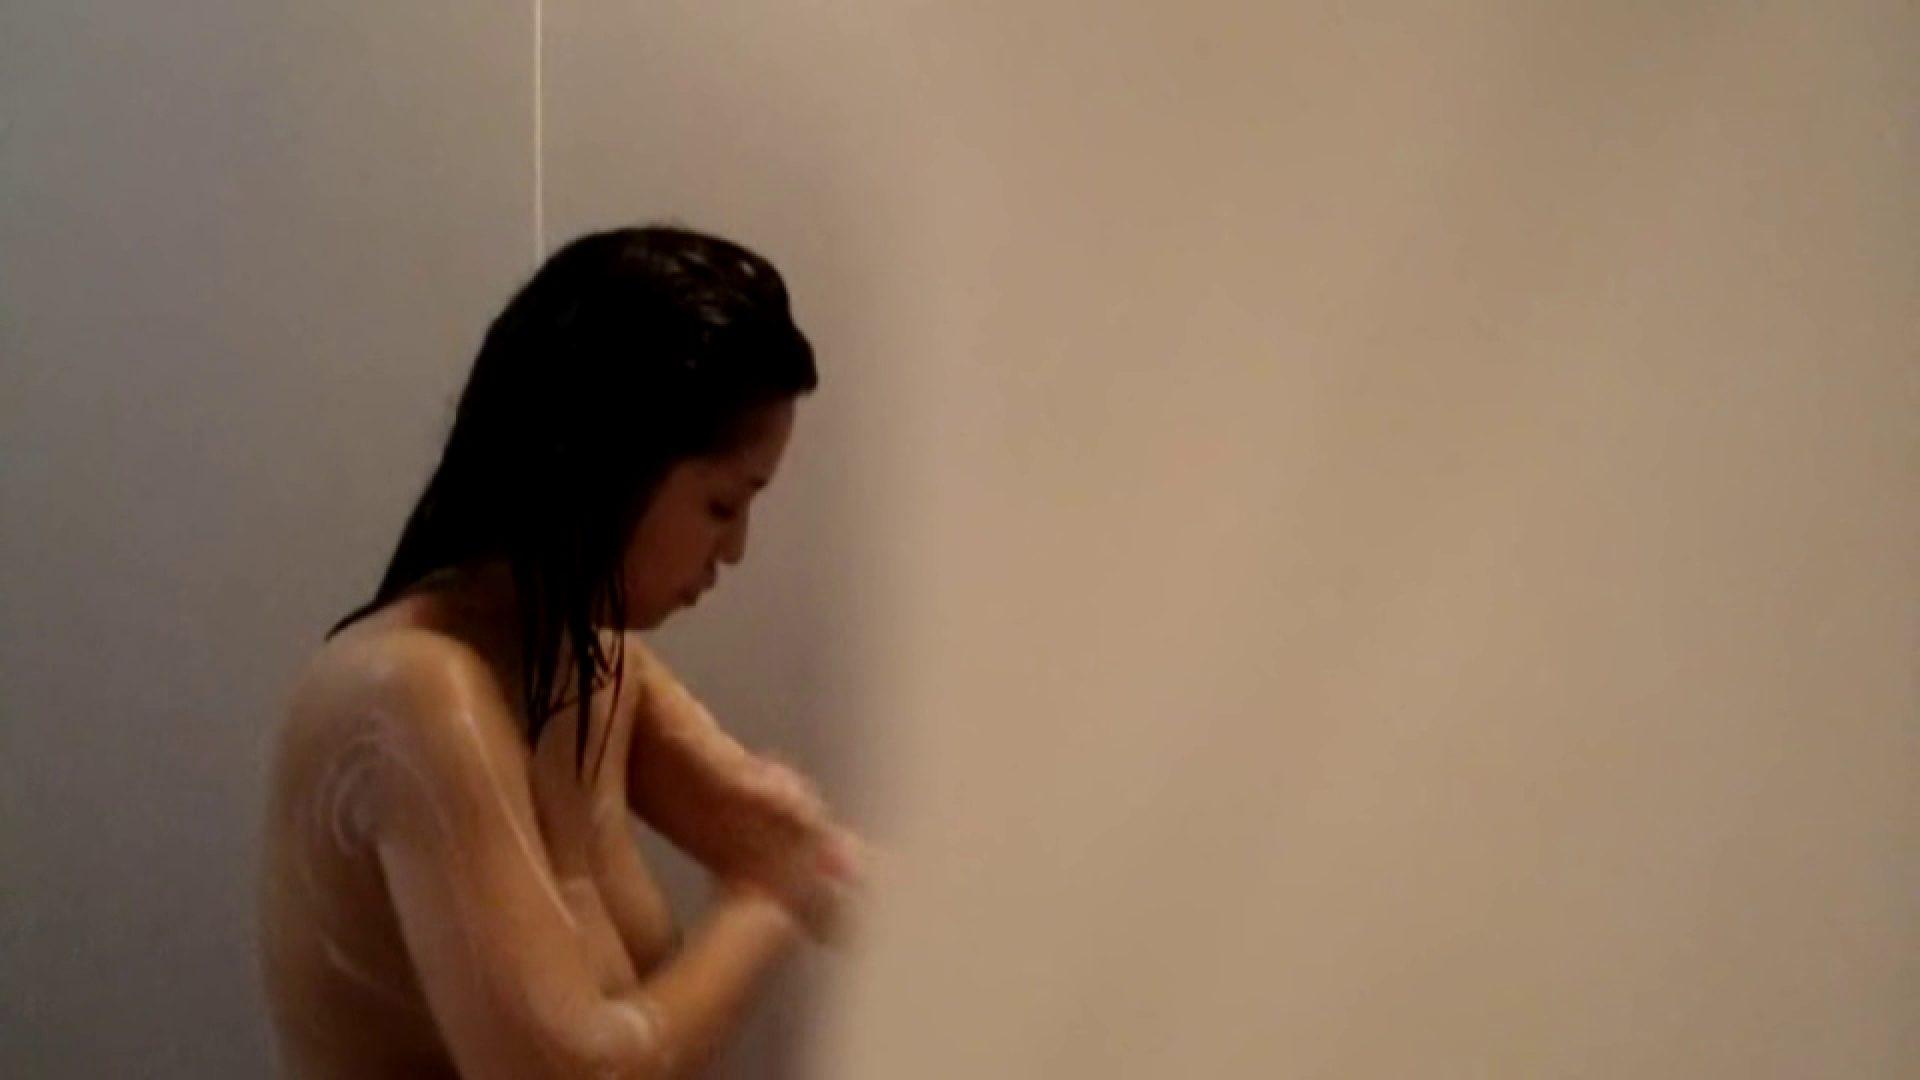 vol.2 葵のグラドル顔負けの爆乳を入浴シーンでどうぞ。 民家   爆乳  111画像 89